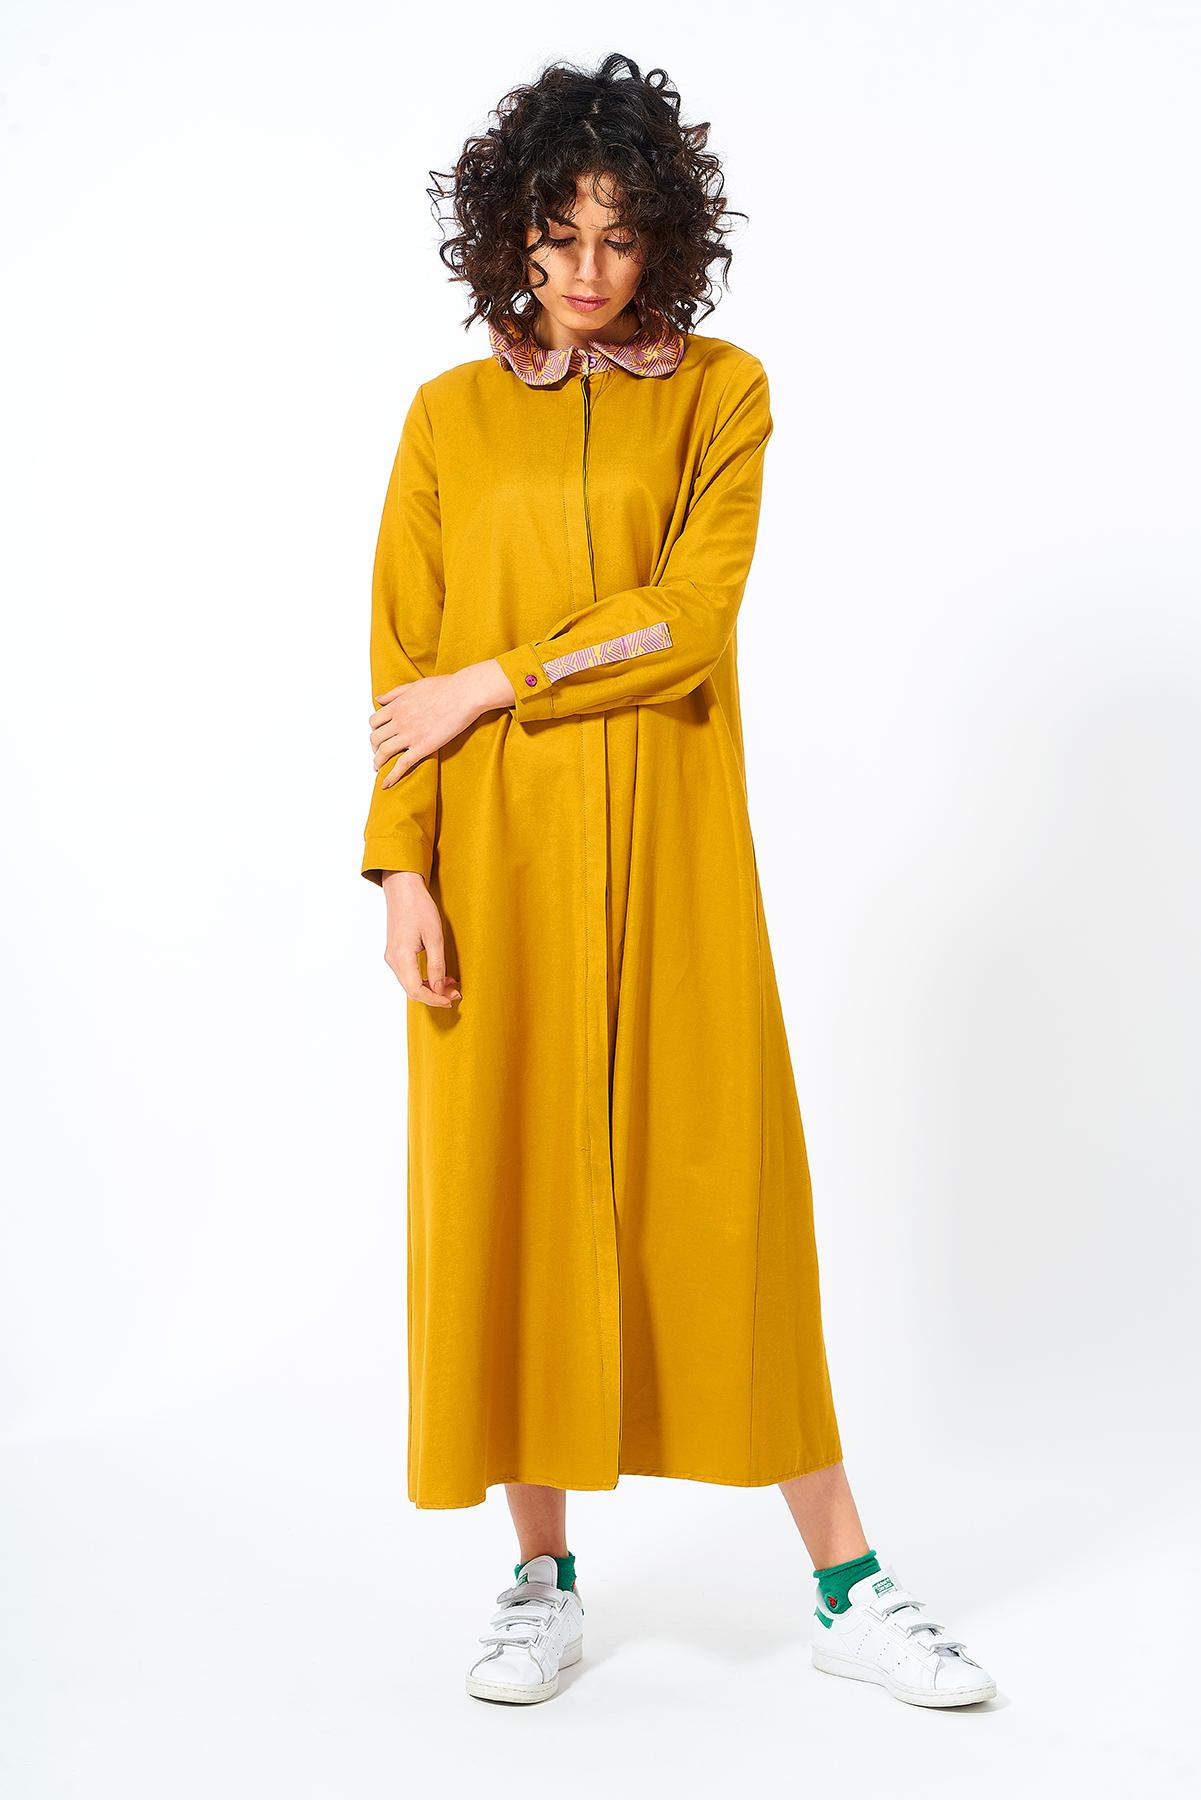 Mevra - Fırfır Yaka Elbise Hardal